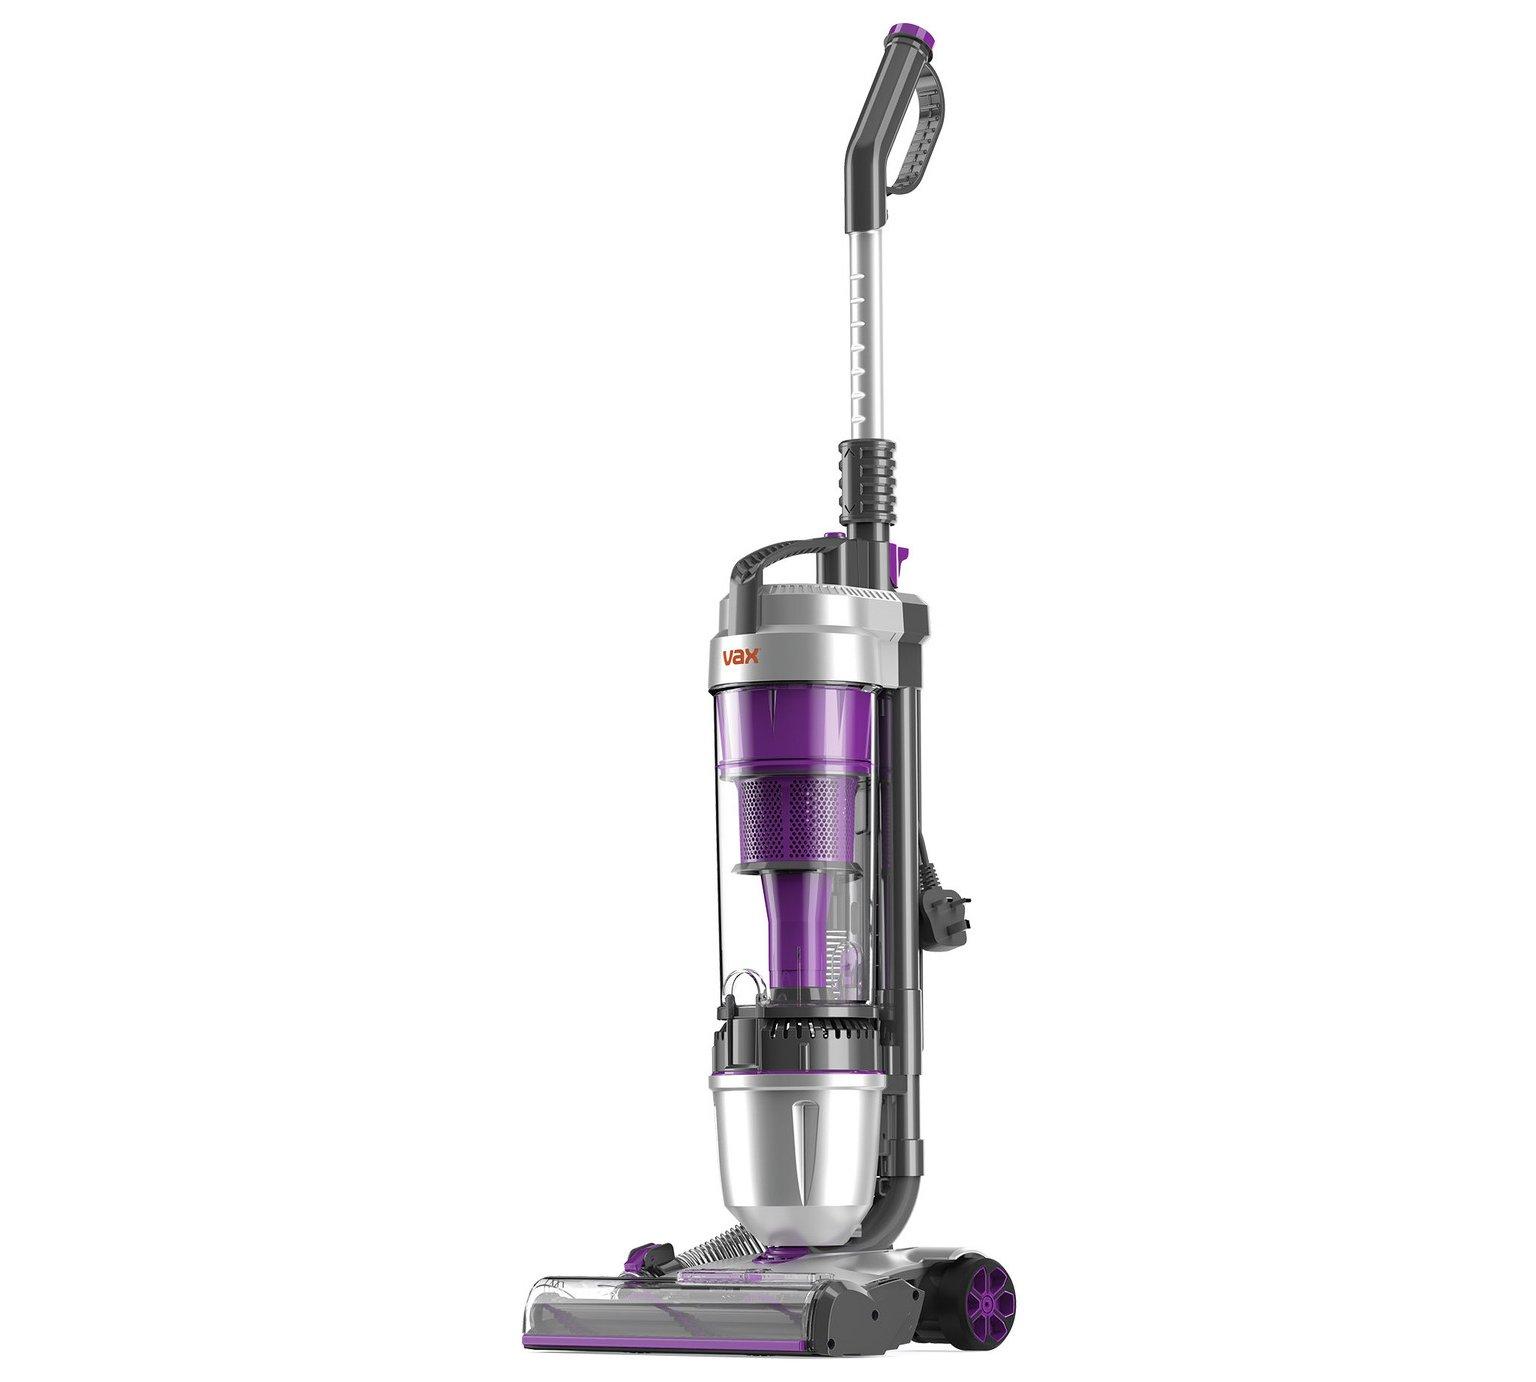 Vax U85-AS-Pme Air Stretch Max Pet Upright Vacuum Cleaner